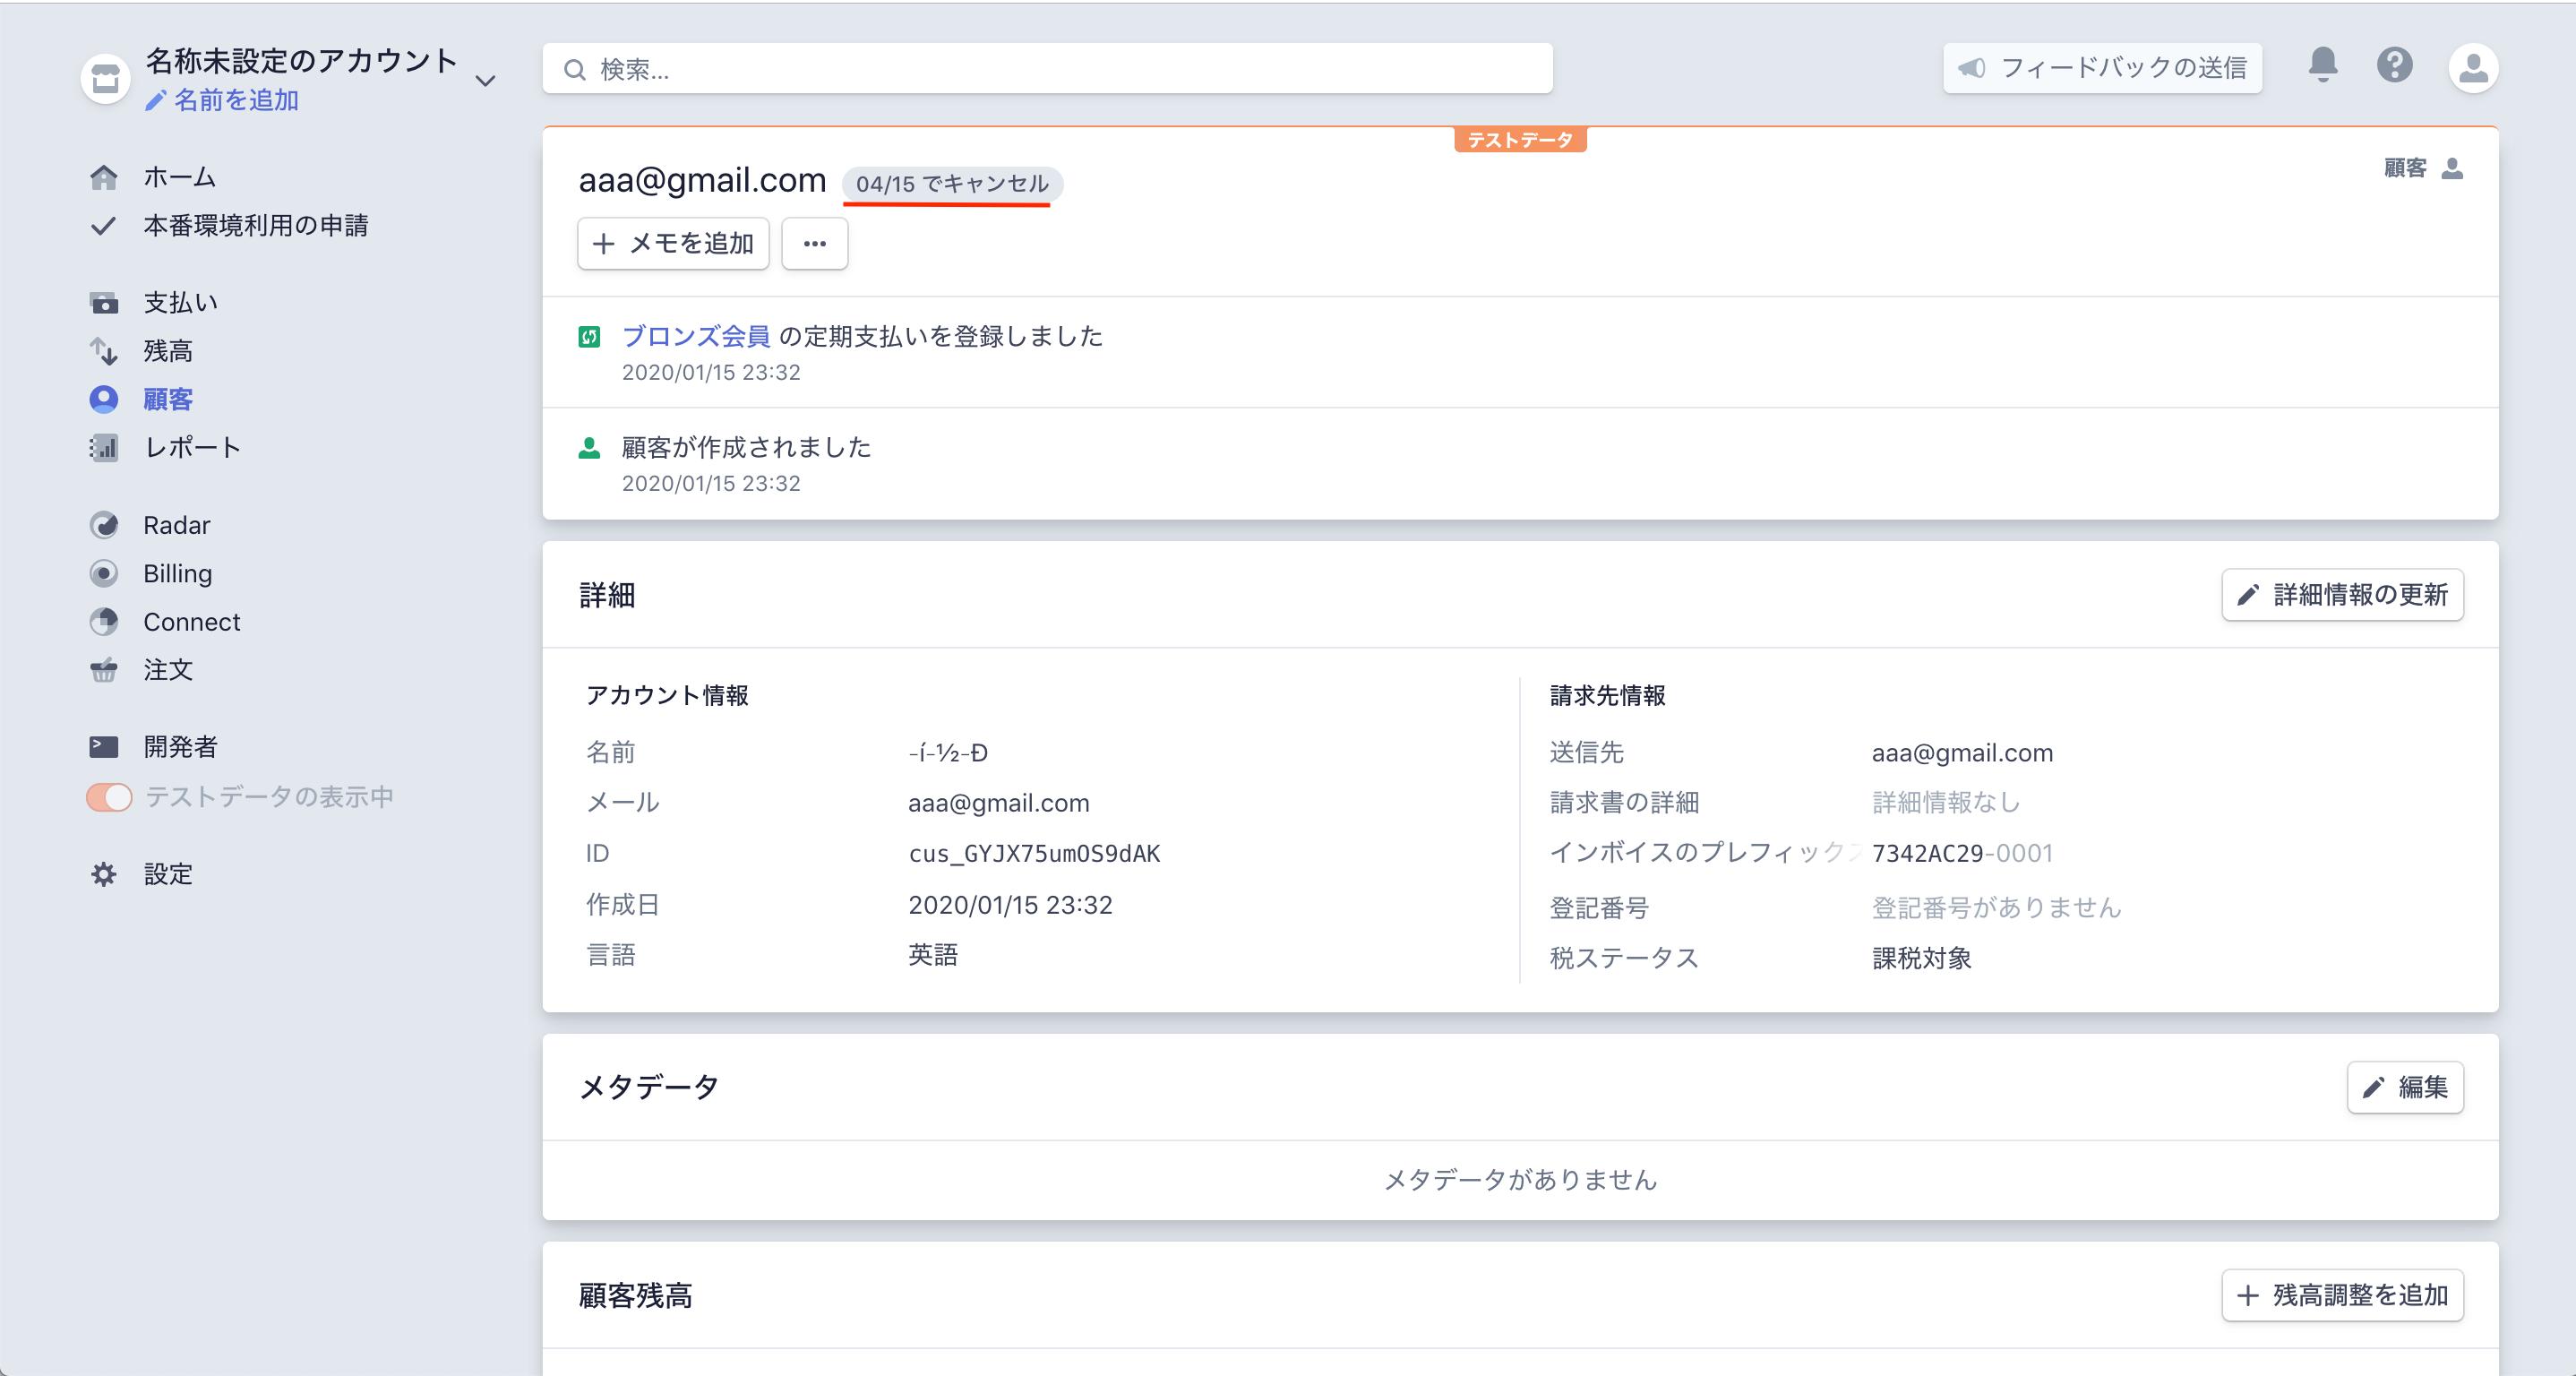 スクリーンショット 2020-01-16 0.06.57.png